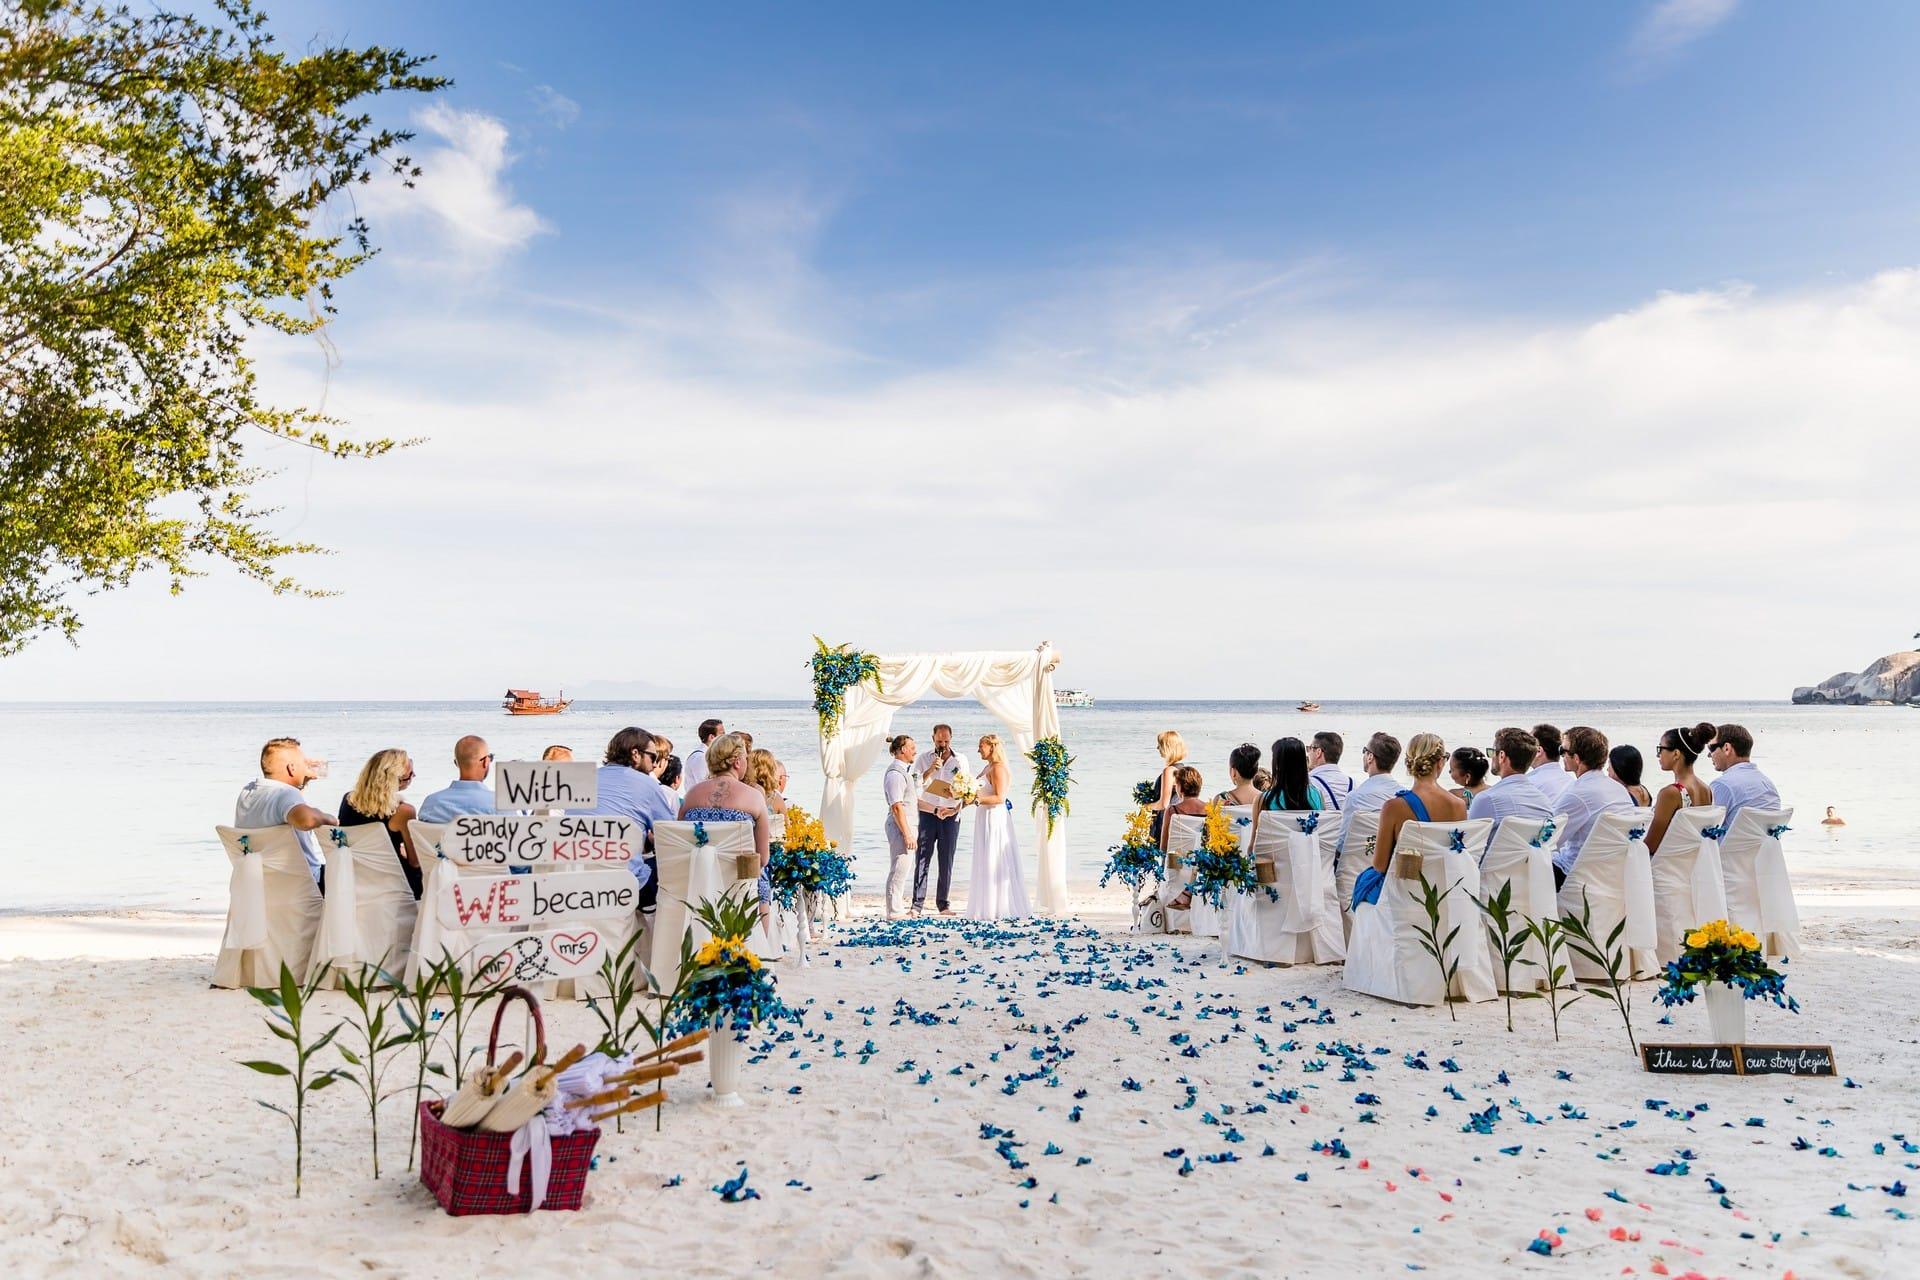 Hochzeit auf Koh Tao Thailand - als Hochzeitsfotograf in Thailand